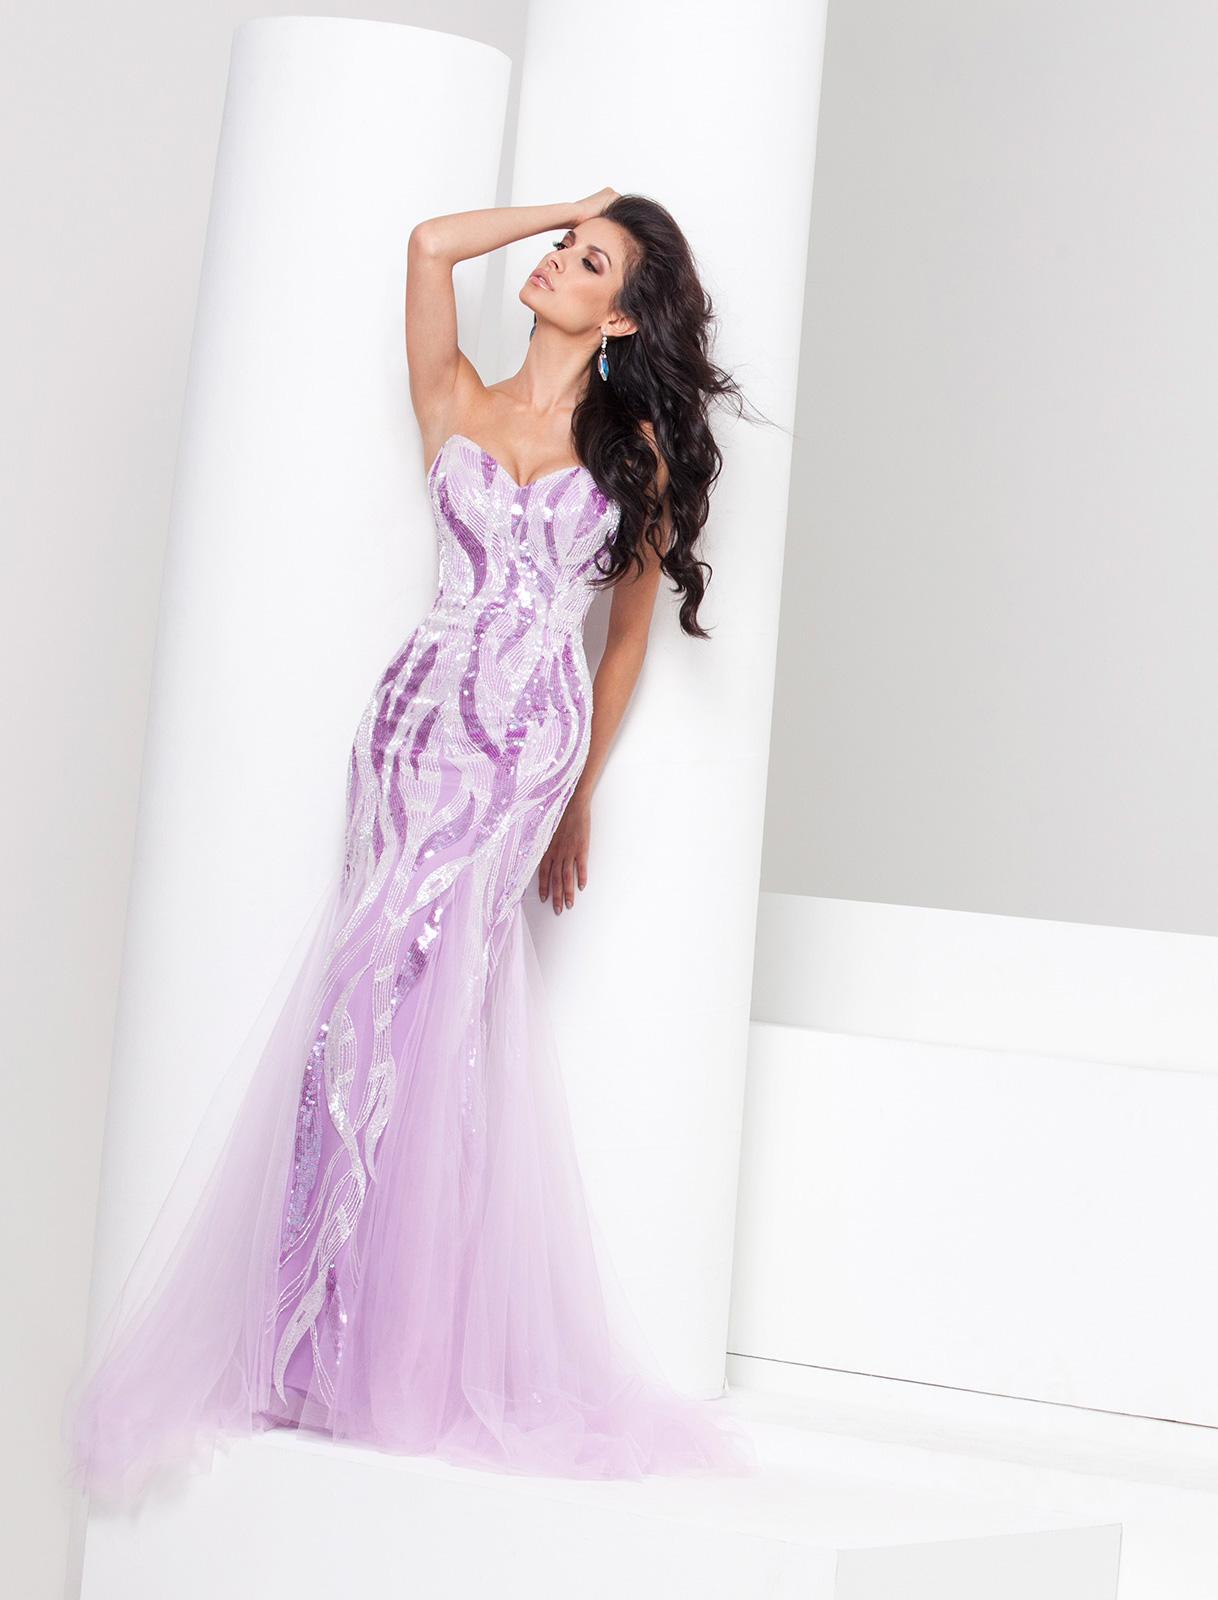 Vestido de Festa tomara que caia princesa, com tecido todo bordado em pedrarias em formato de raios alternados, corte sereia com nesgas em tule nos recortes da saia.